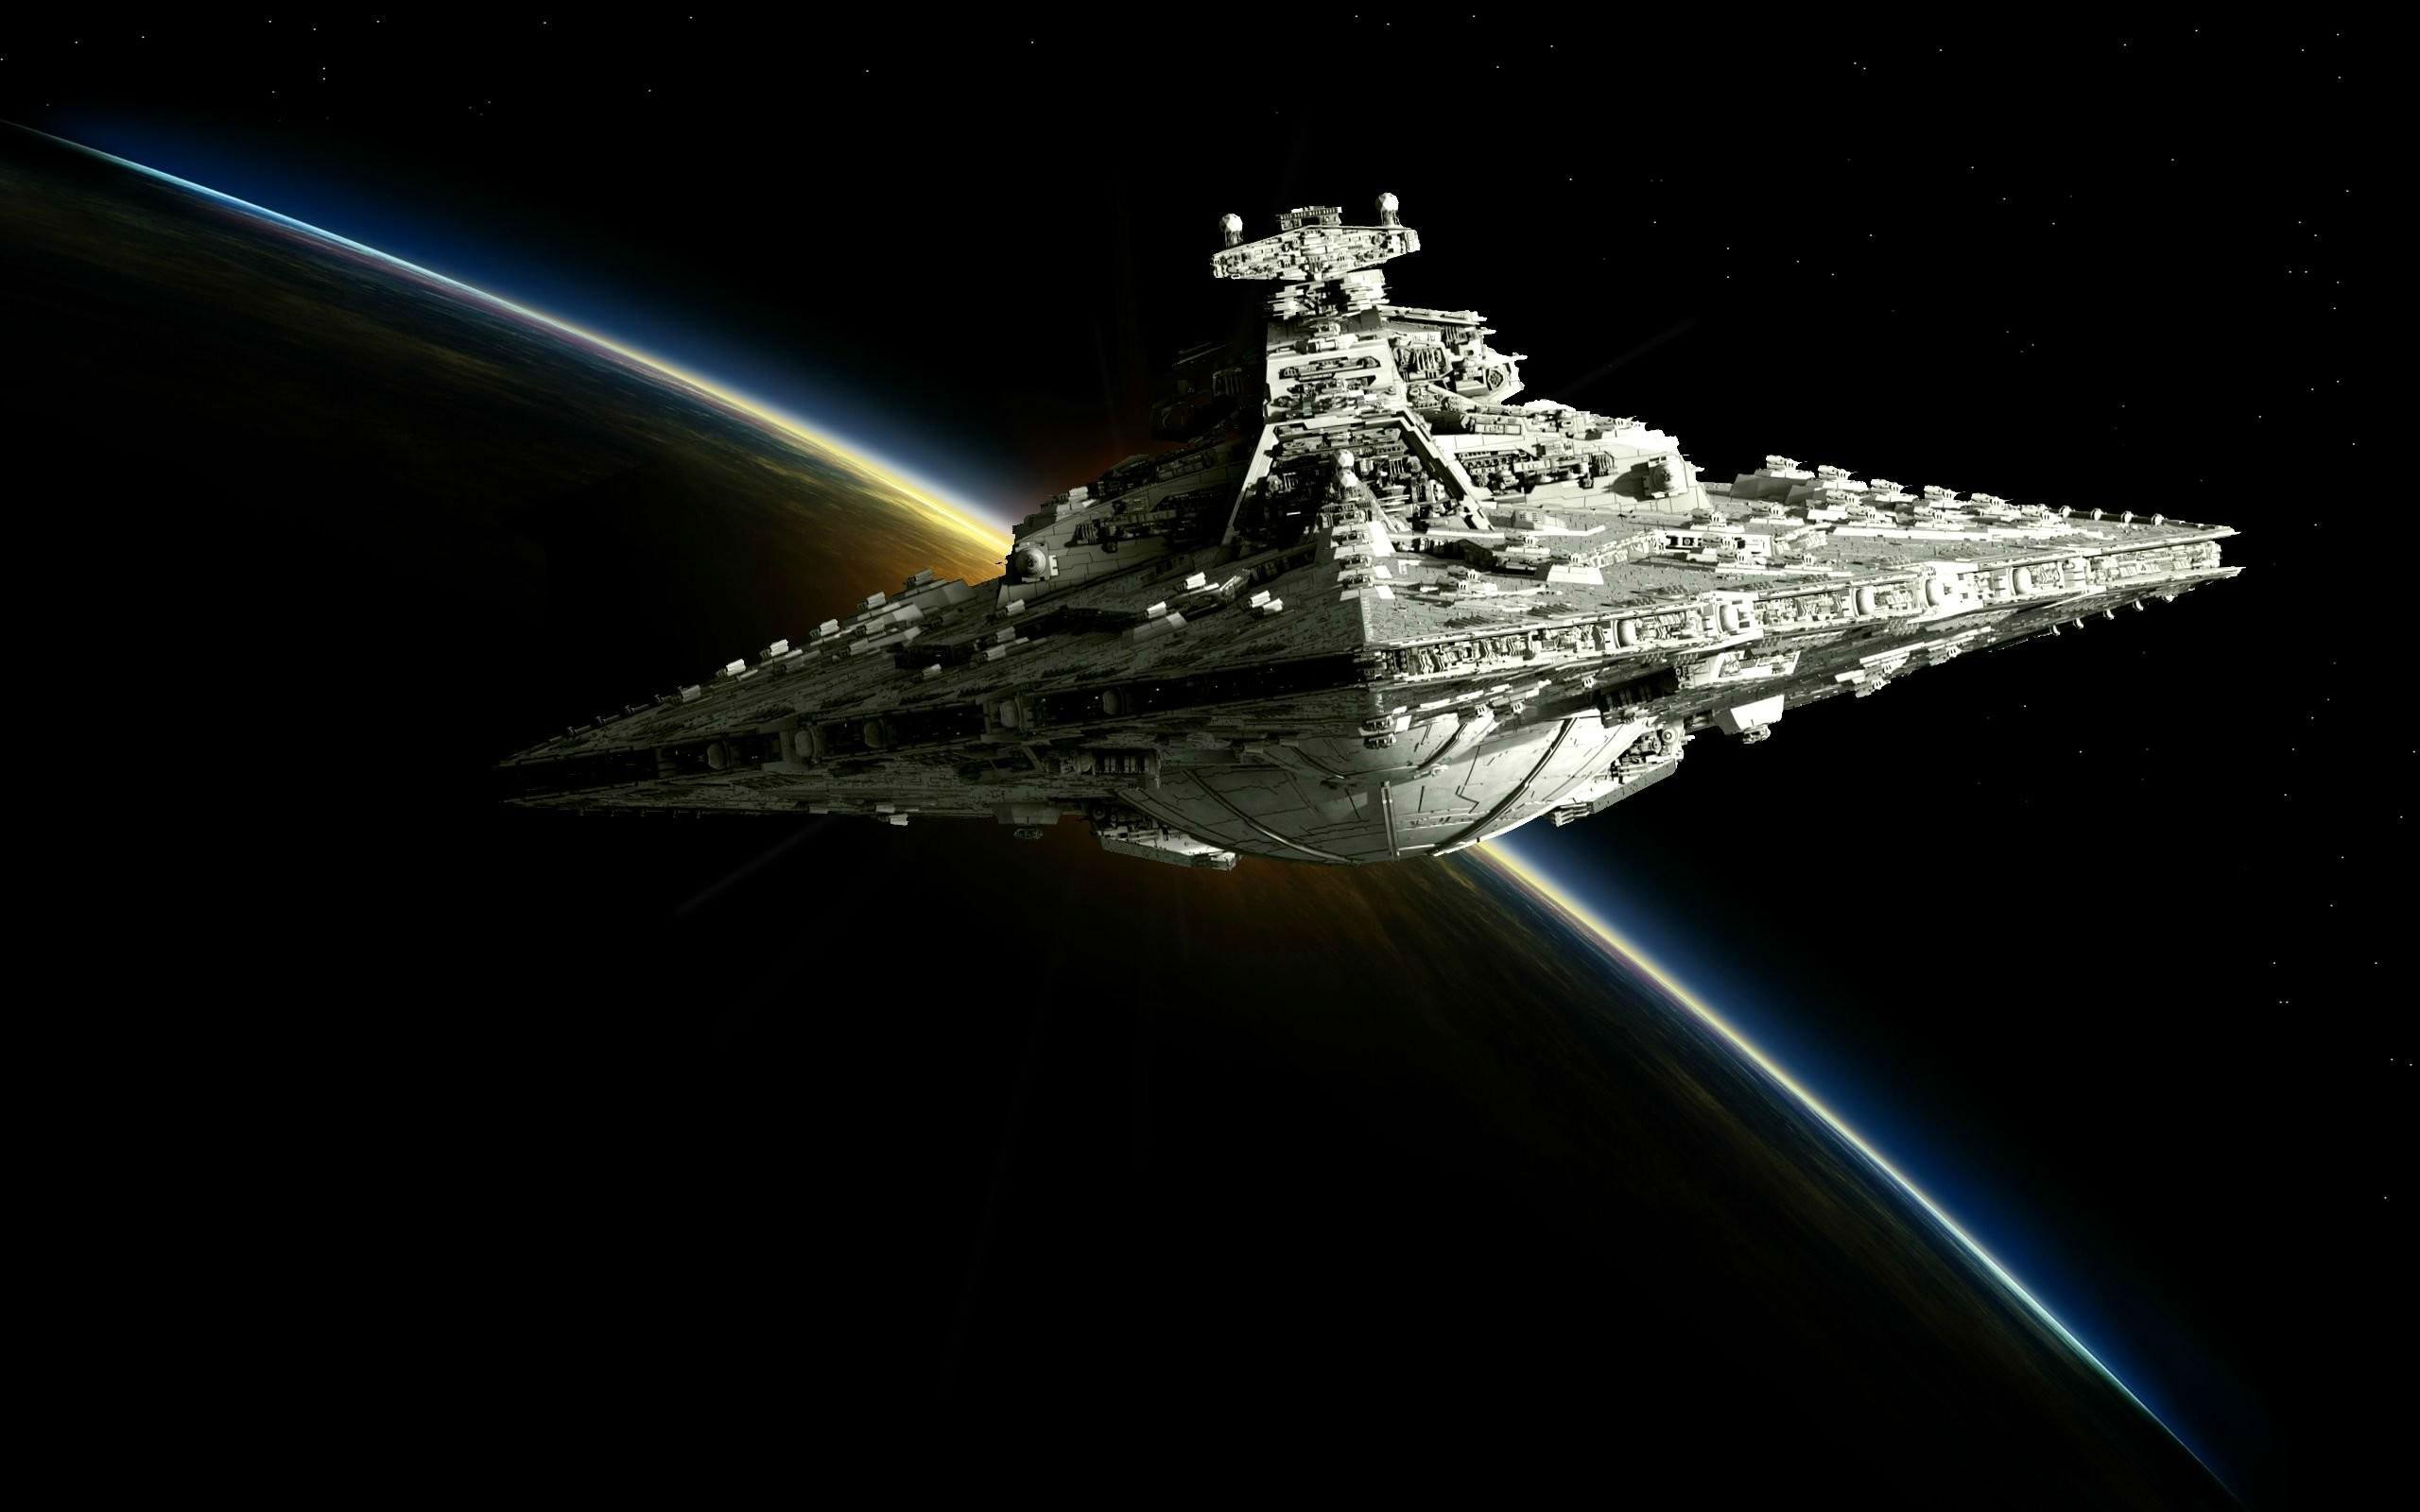 Star Destroyer star wars spaceship sci-fi space wallpaper      633025   WallpaperUP